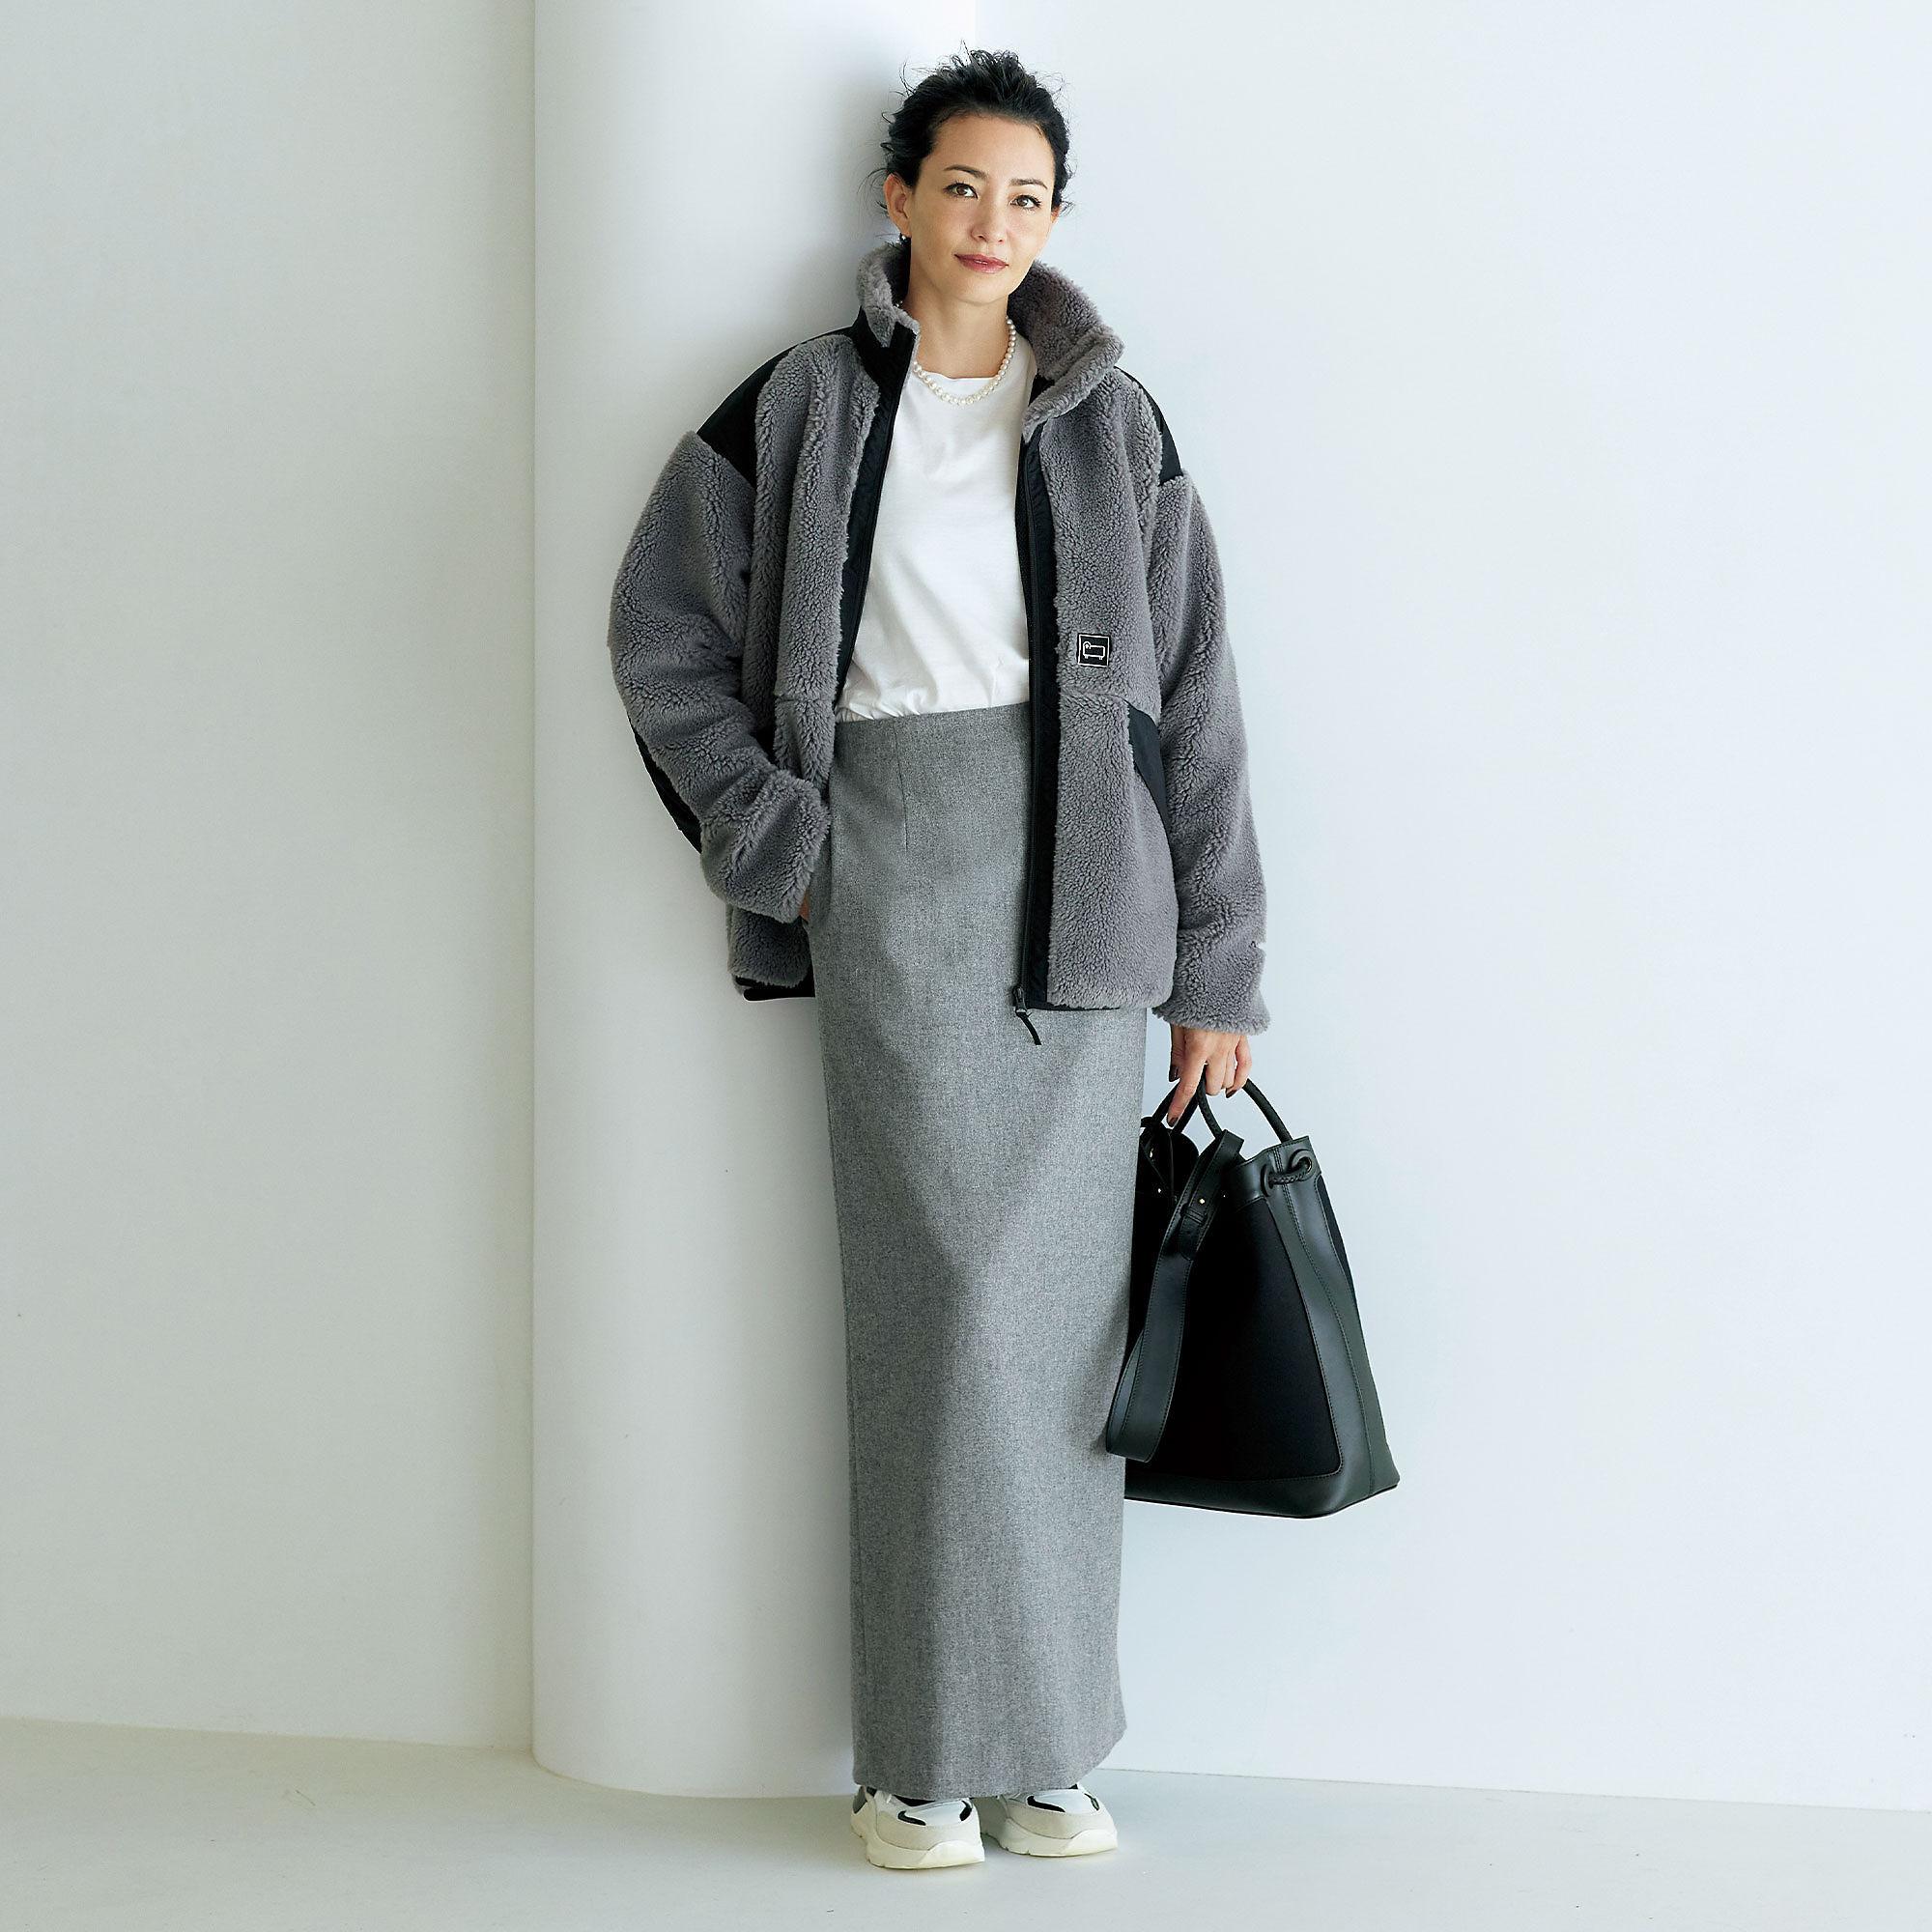 徳原文子×éclat ストレートスカート